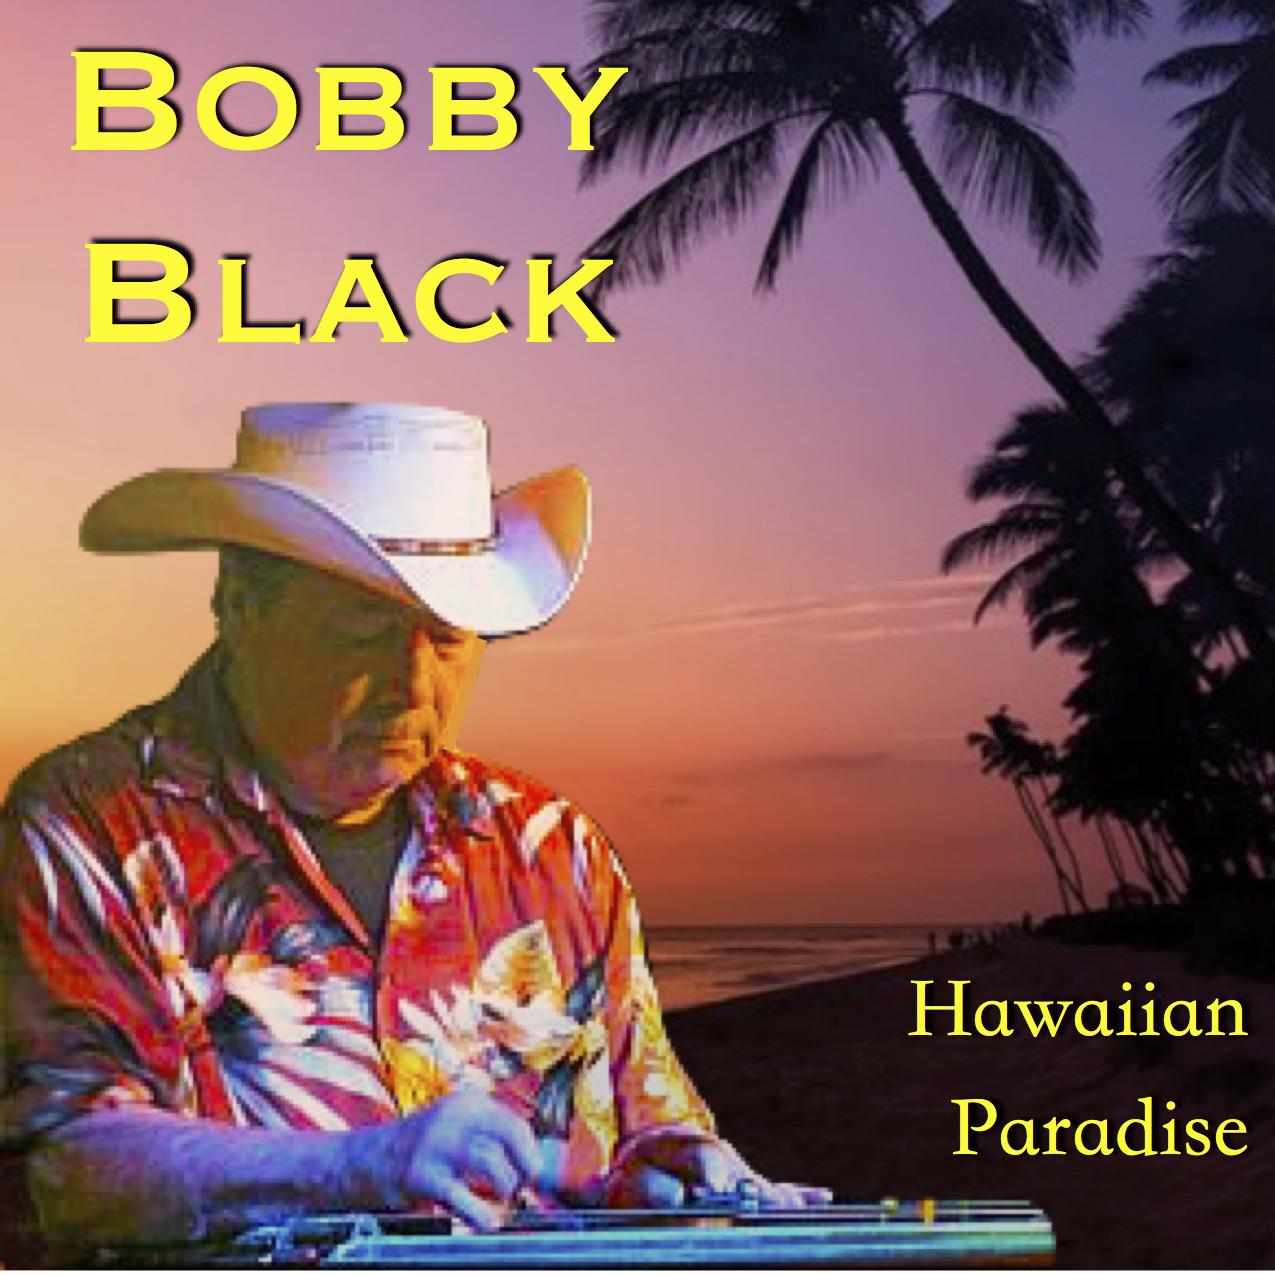 Bobby Black2.jpg